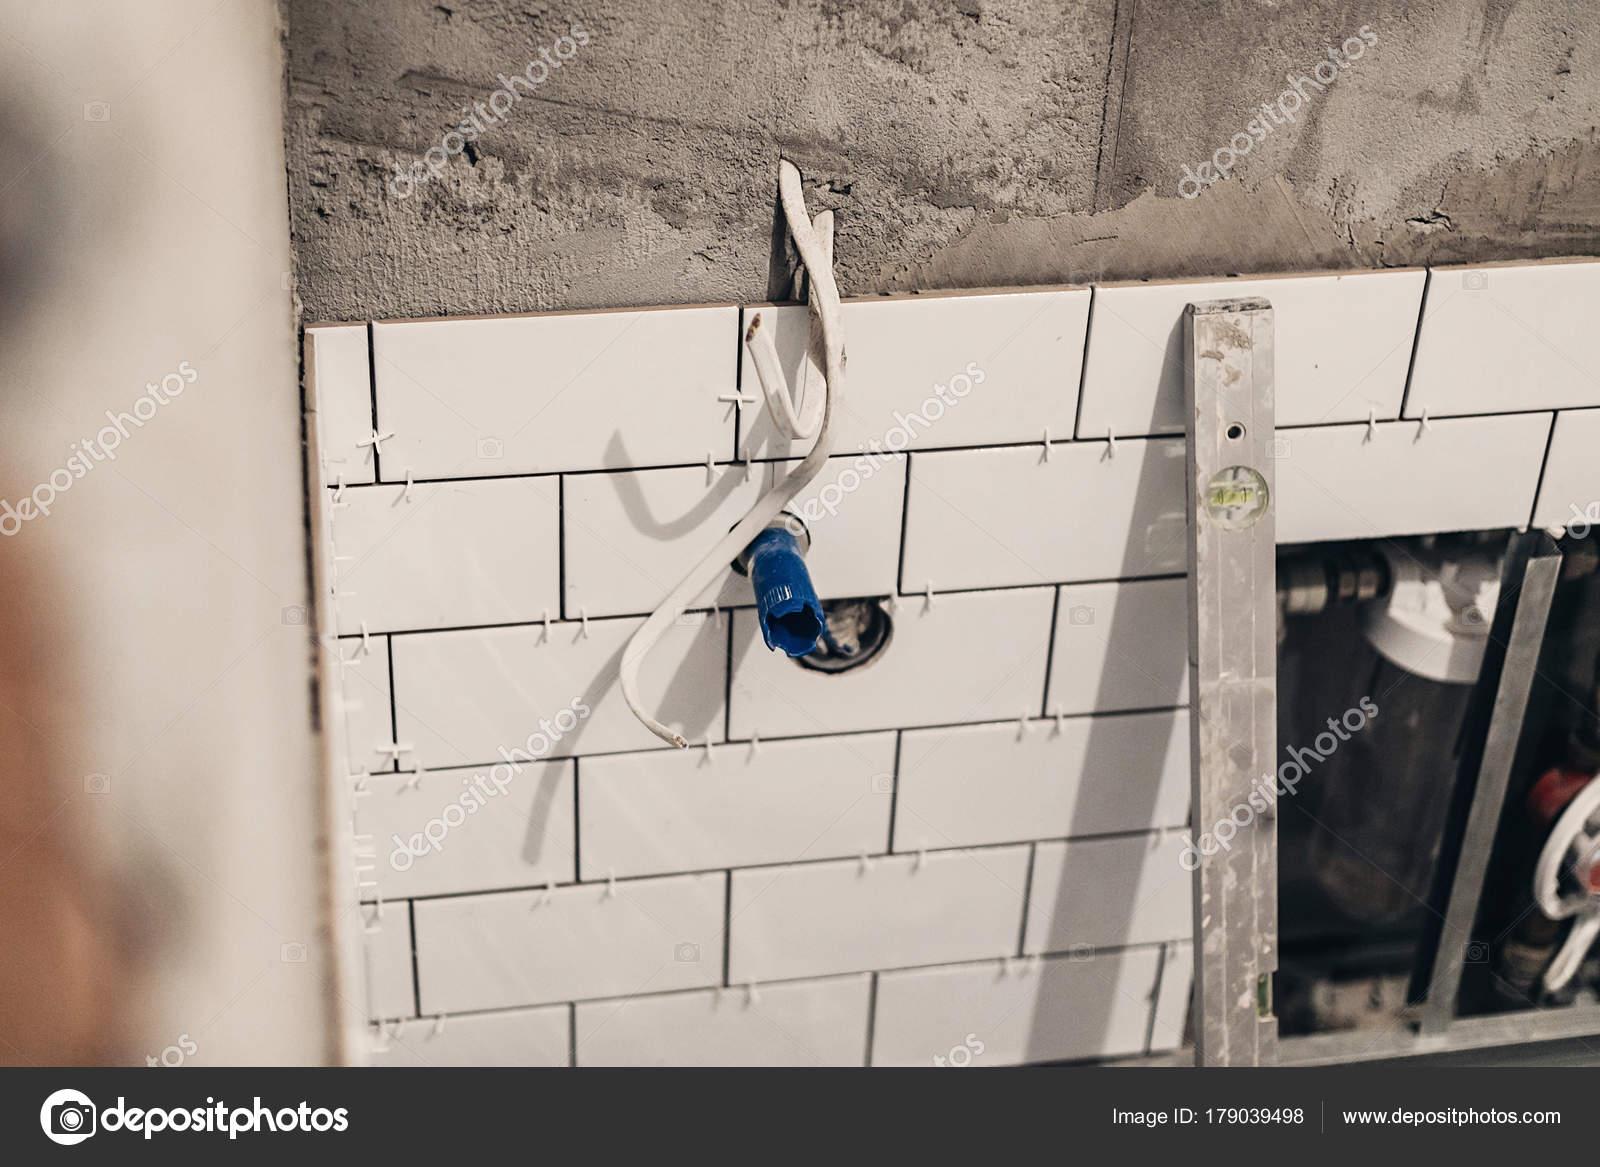 Renovatie Badkamer Muur : Badkamer renovatie concept pijpen drainage wit stijlvolle tegels